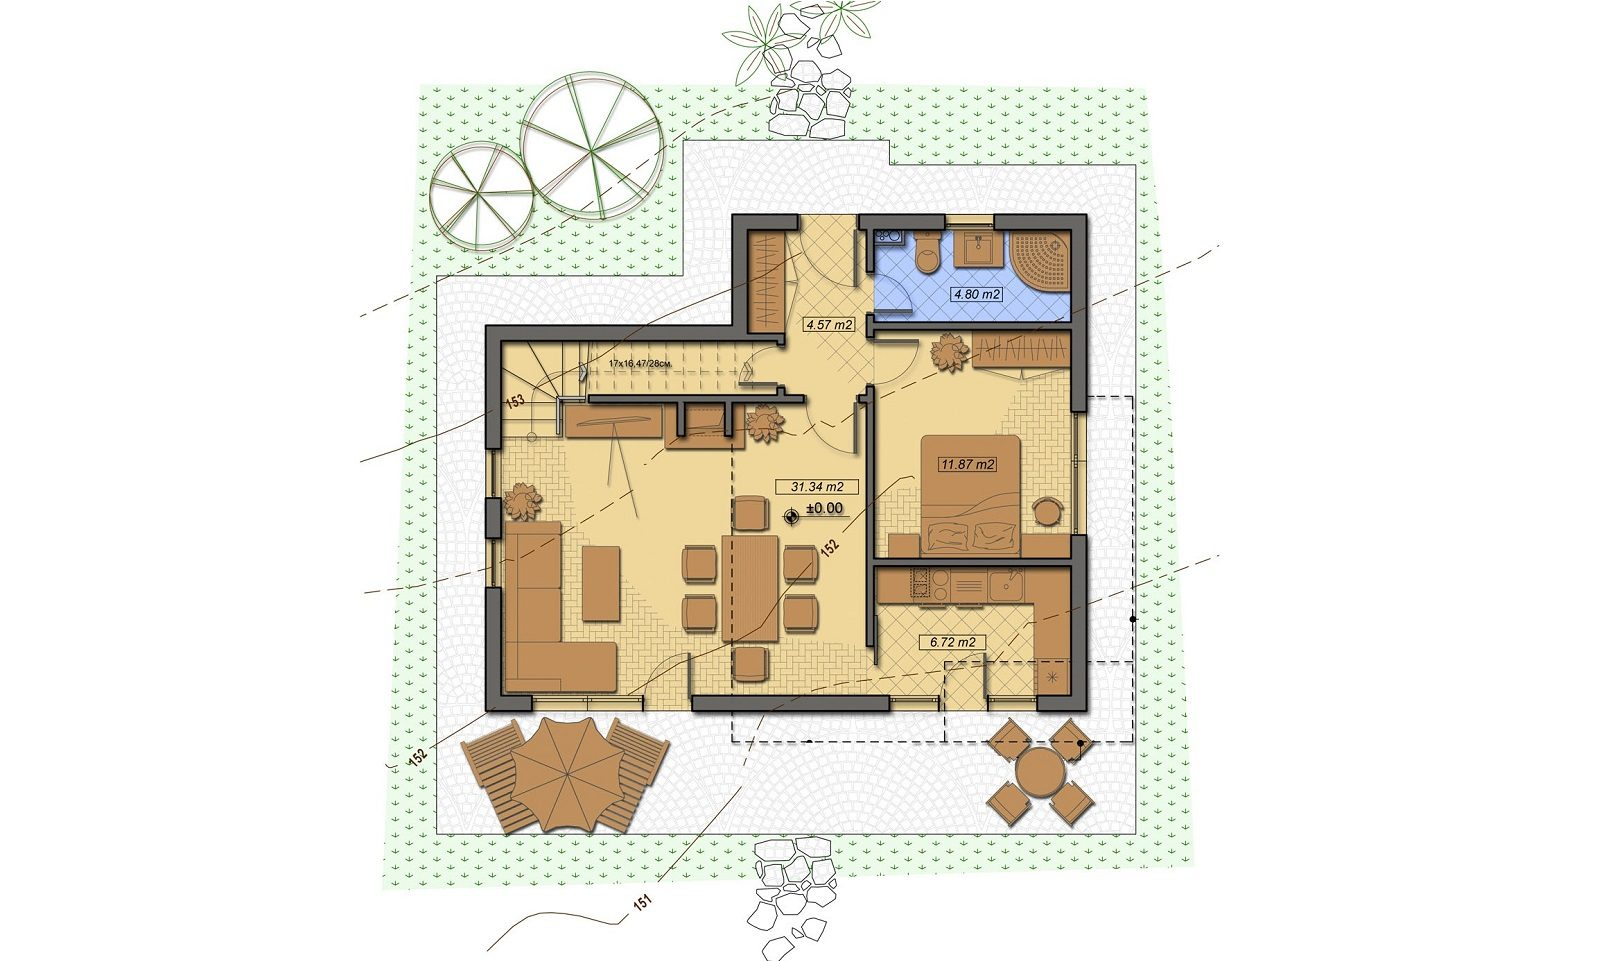 Casa din Povesti plan parter - Cartierul Buna Ziua Tartasesti nord vest Bucuresti